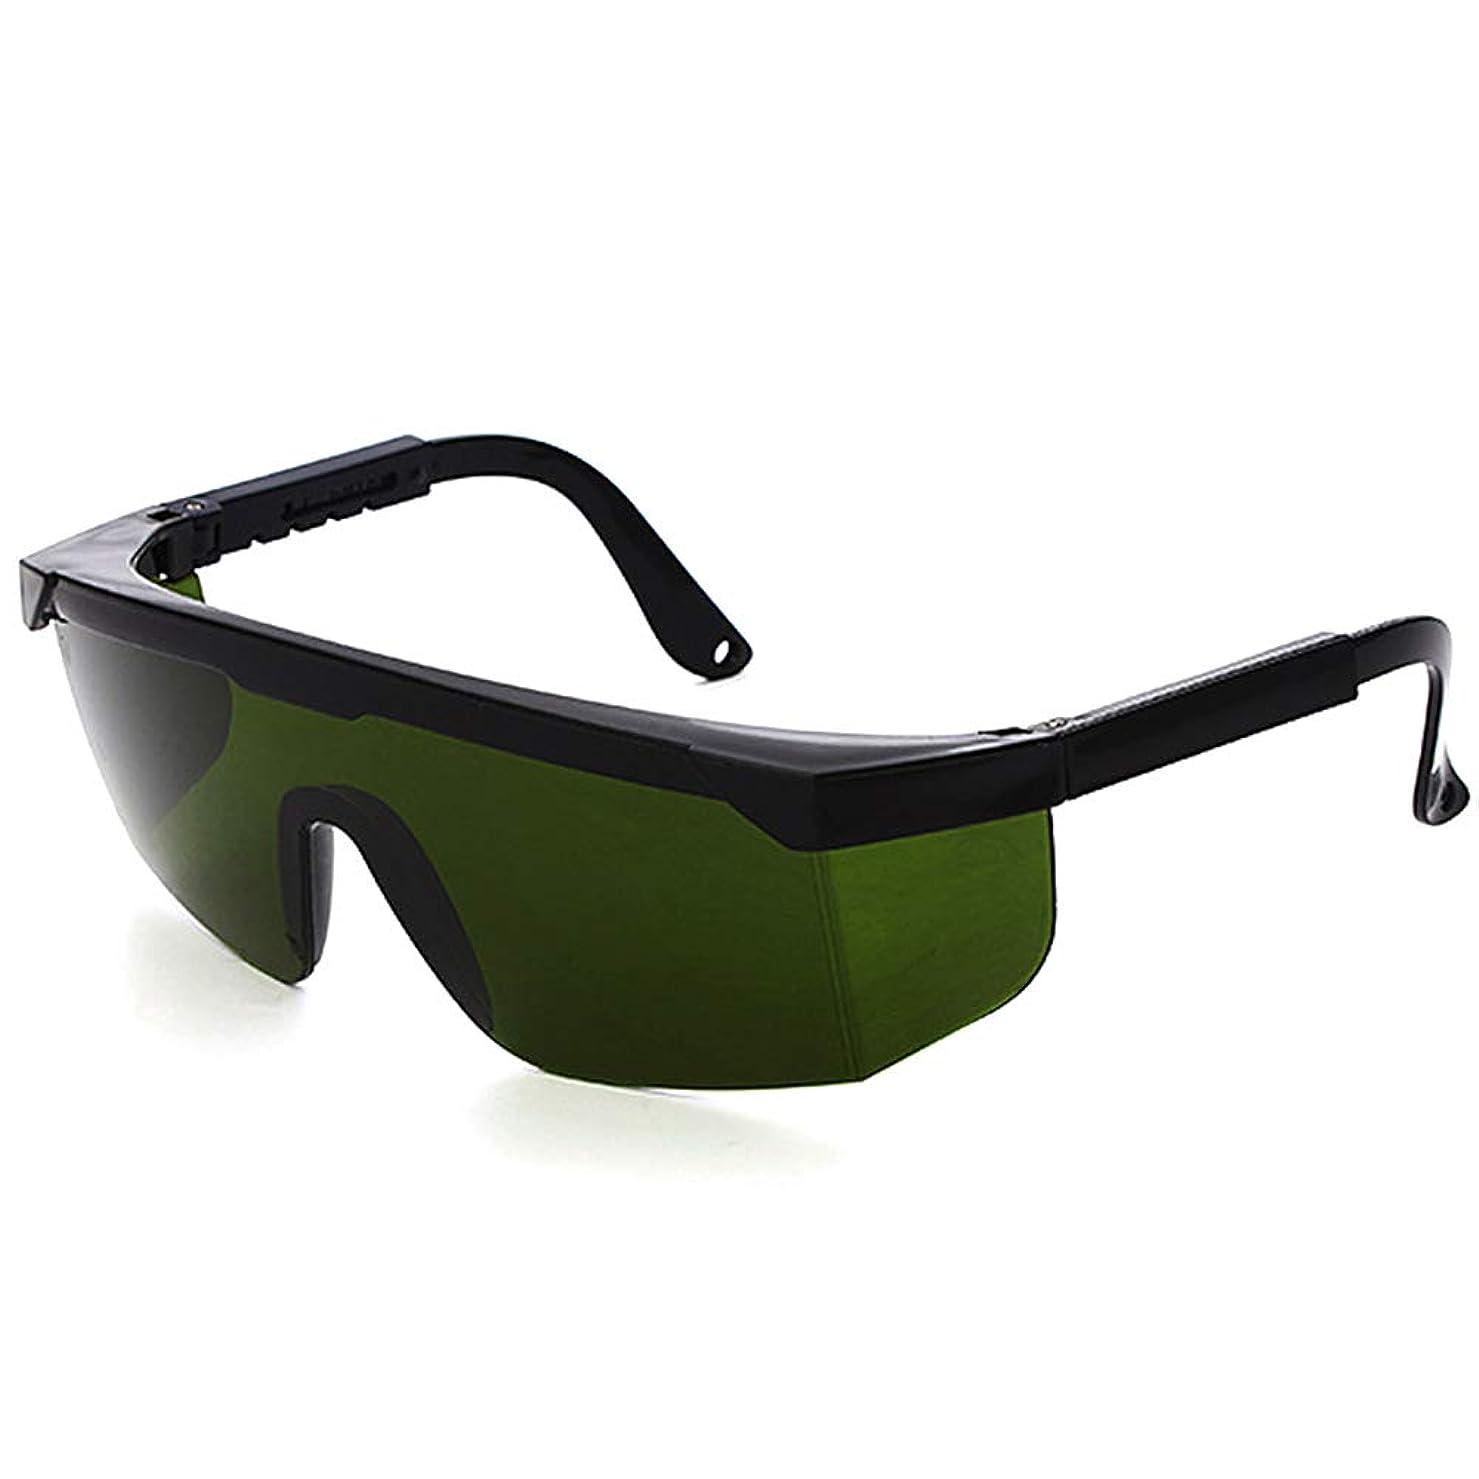 本物の風が強い痛みJiayaofu レーザー保護メガネIPL美容機器メガネレーザーペアIPLメガネ、安全メガネ